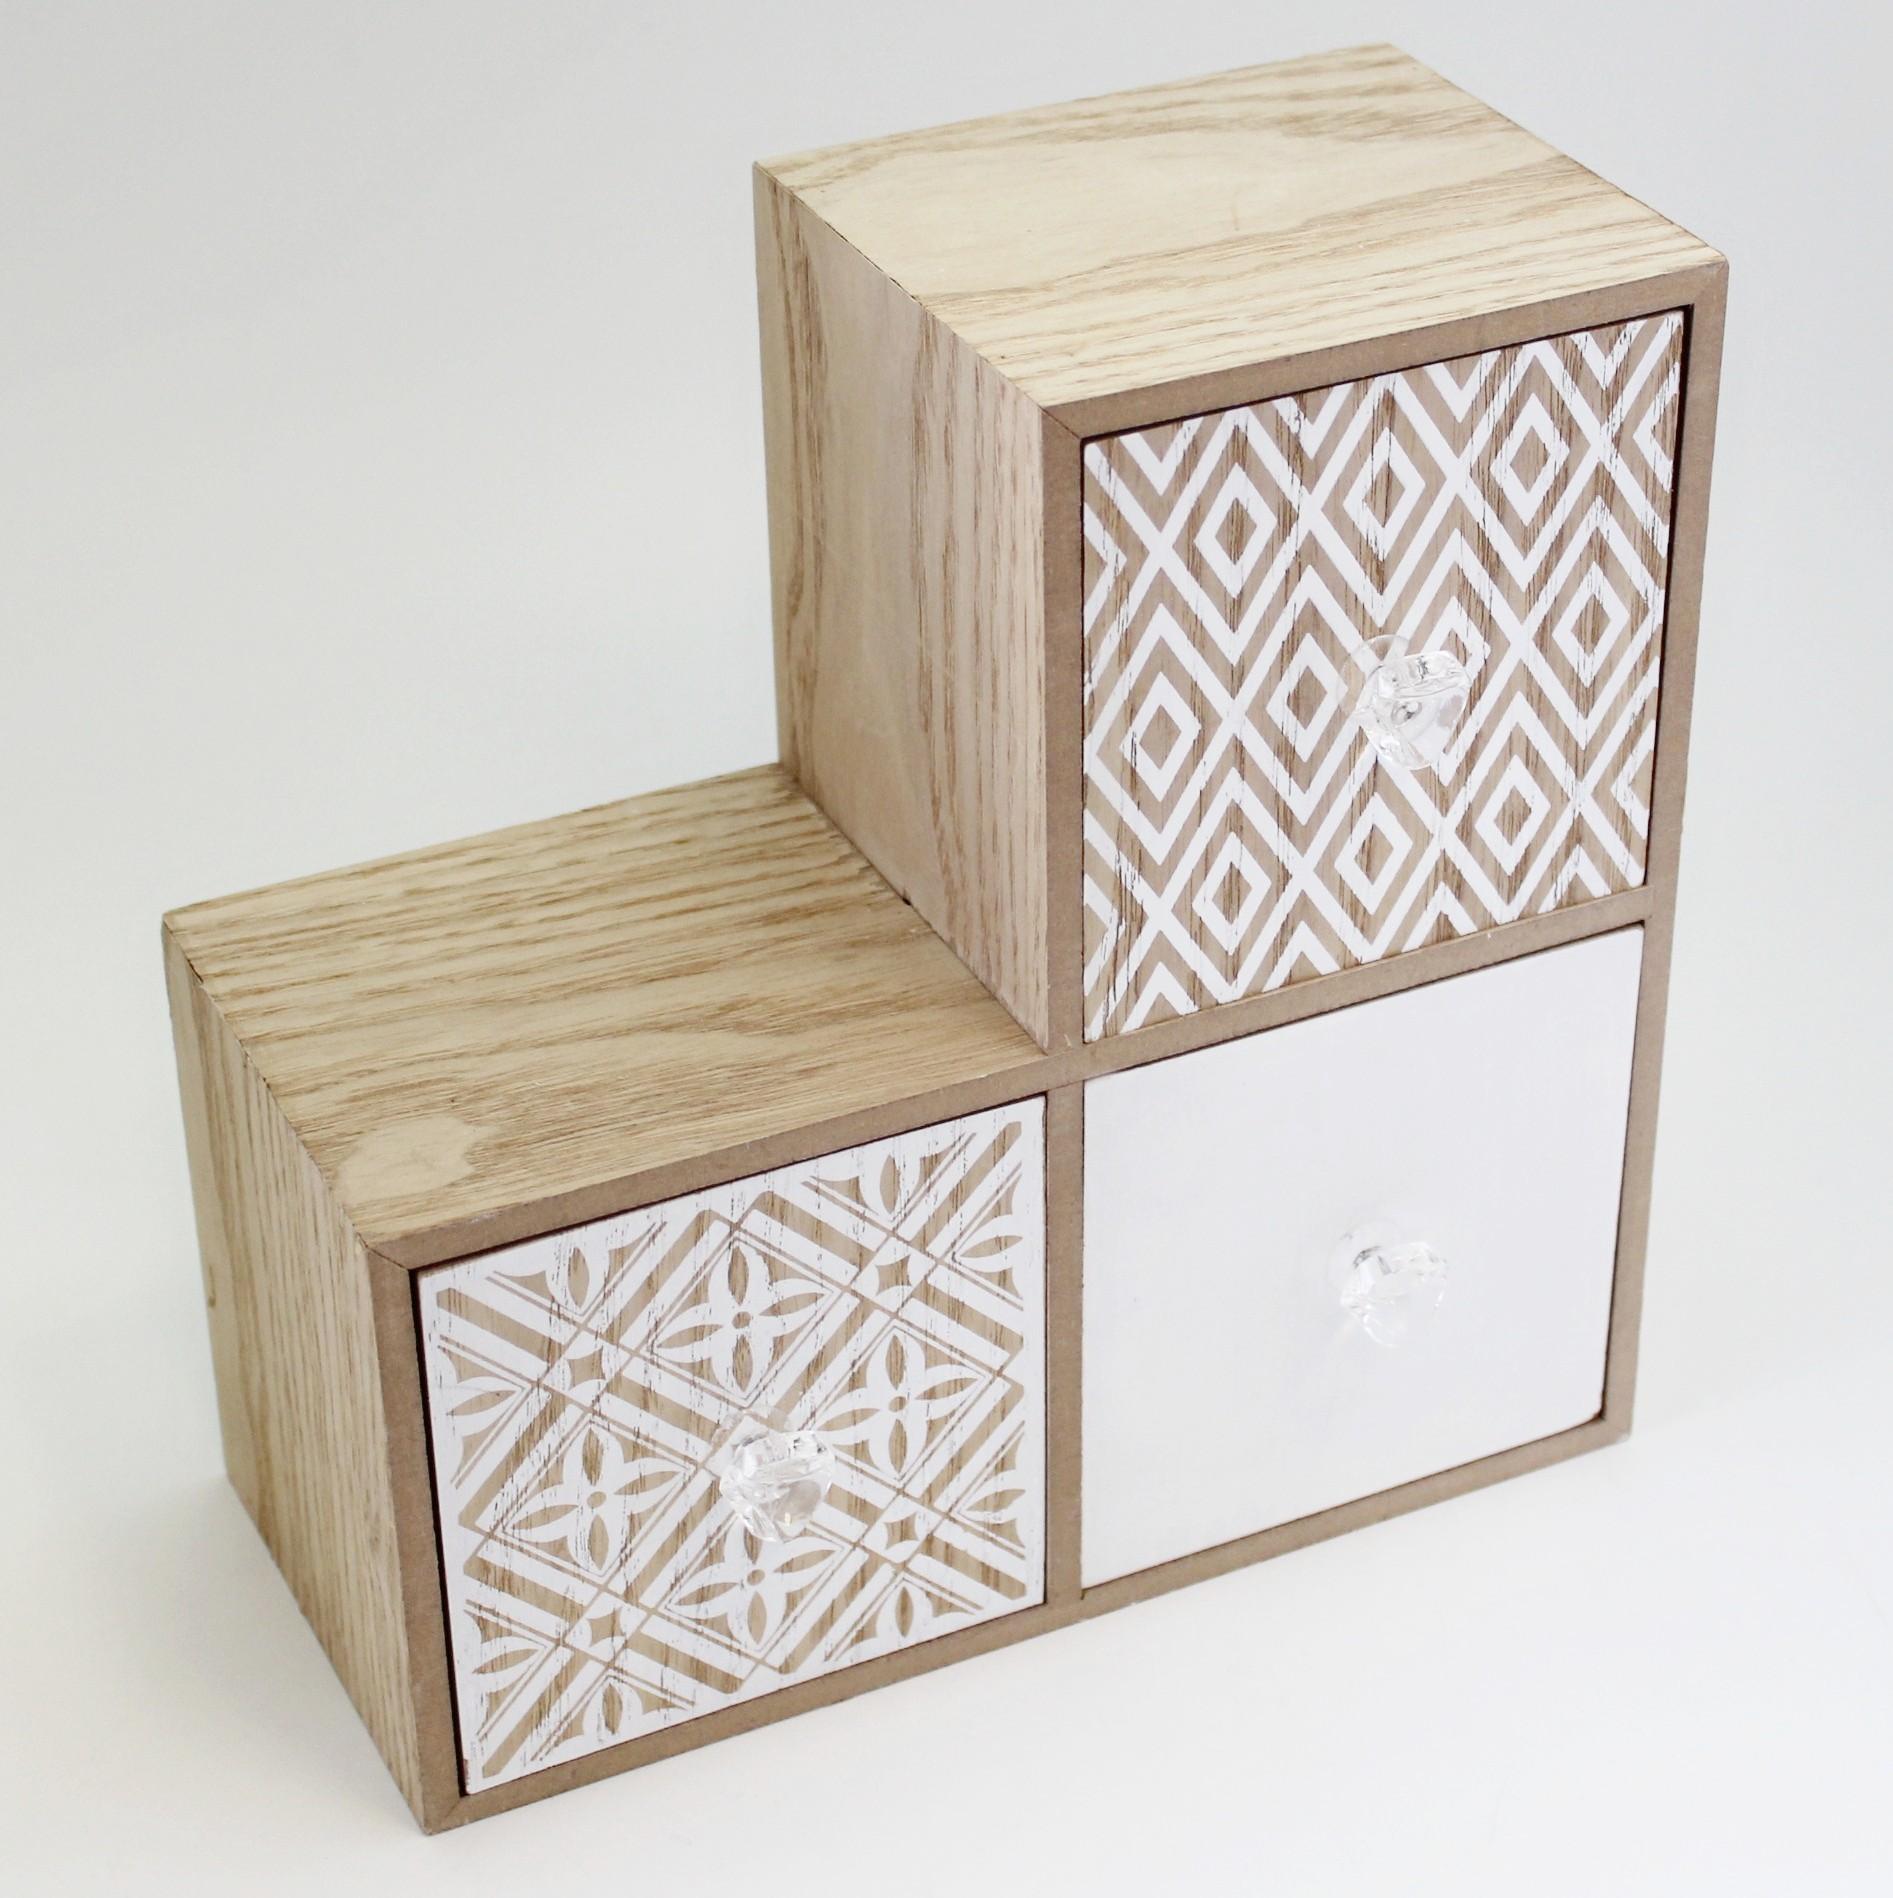 Kabinet dřevo 22x11,5cm natural/bílá